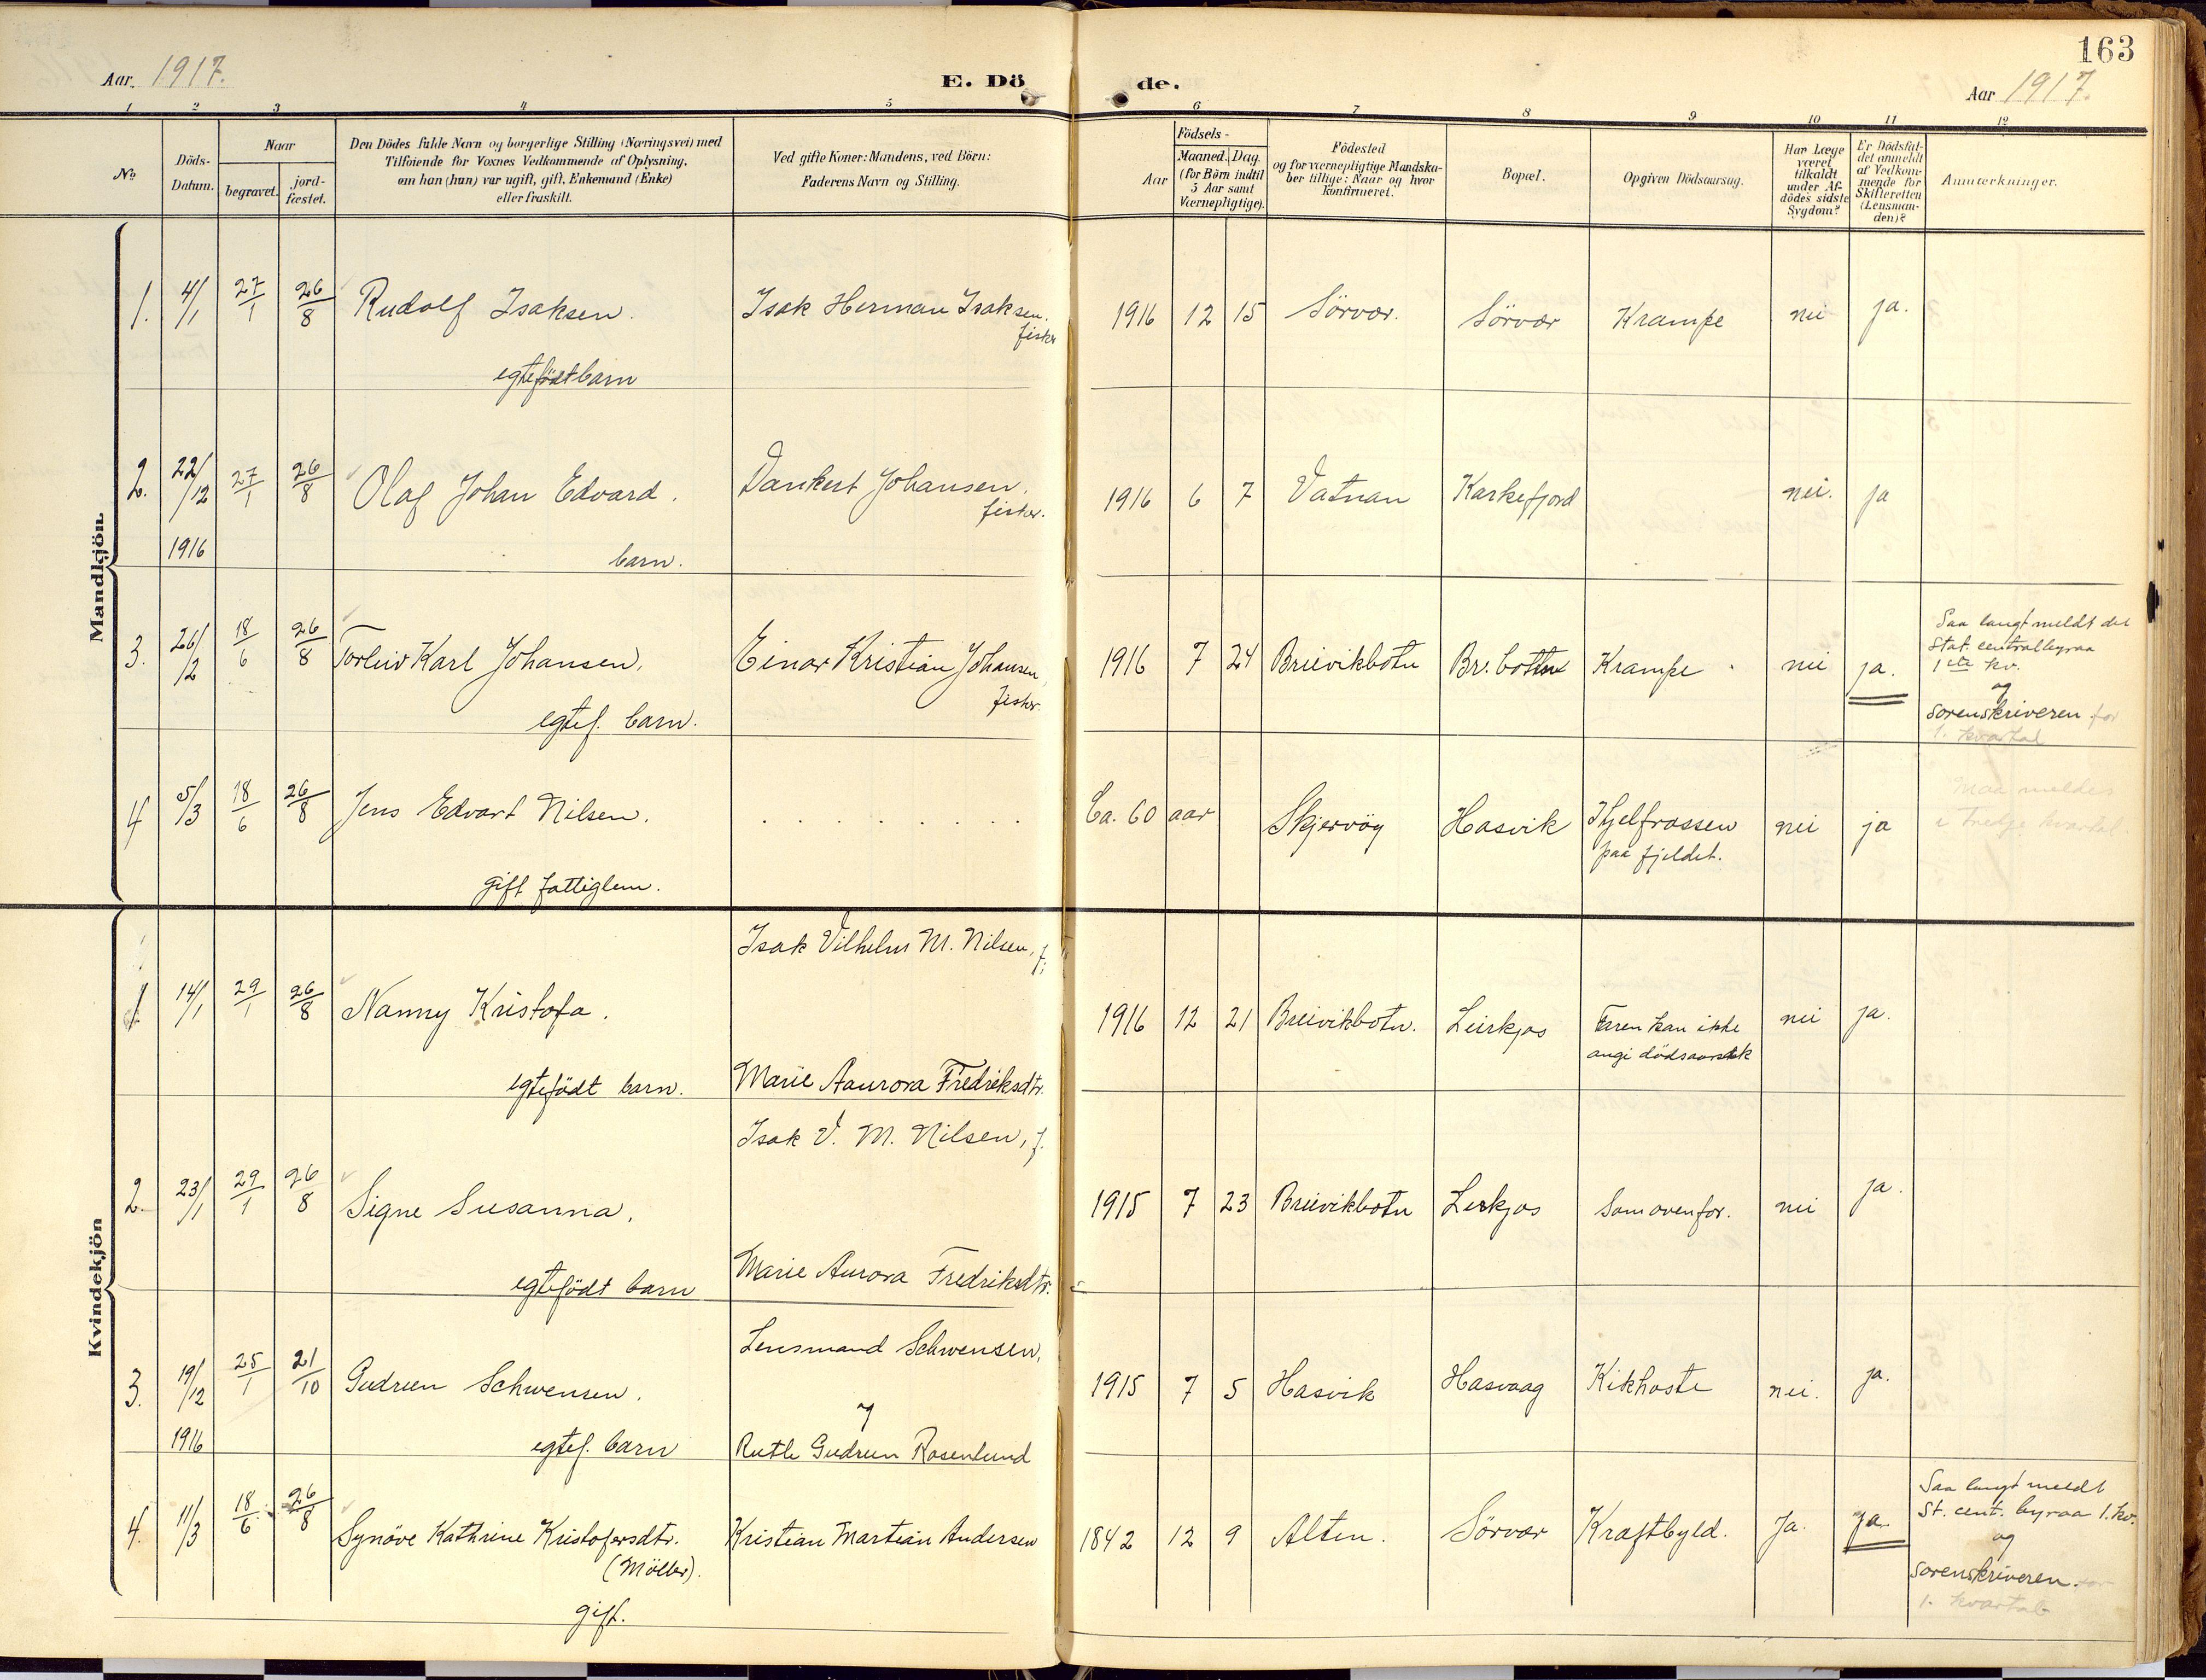 SATØ, Loppa sokneprestkontor, H/Ha/L0010kirke: Ministerialbok nr. 10, 1907-1922, s. 163